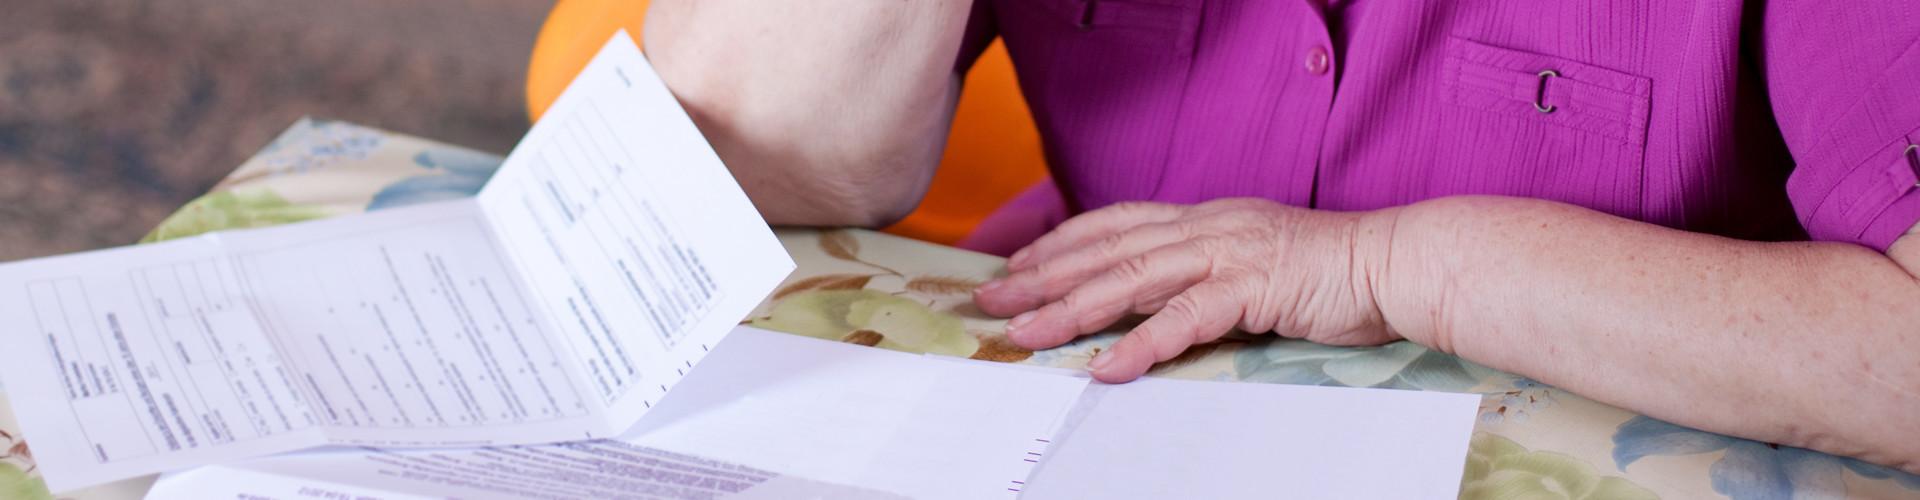 Man sieht die Hände einer älteren Frau, die über einen Tisch gebeugt ist, auf welchem eine Abrechnung liegt © M.Dörr & M.Frommherz, stock.adobe.com